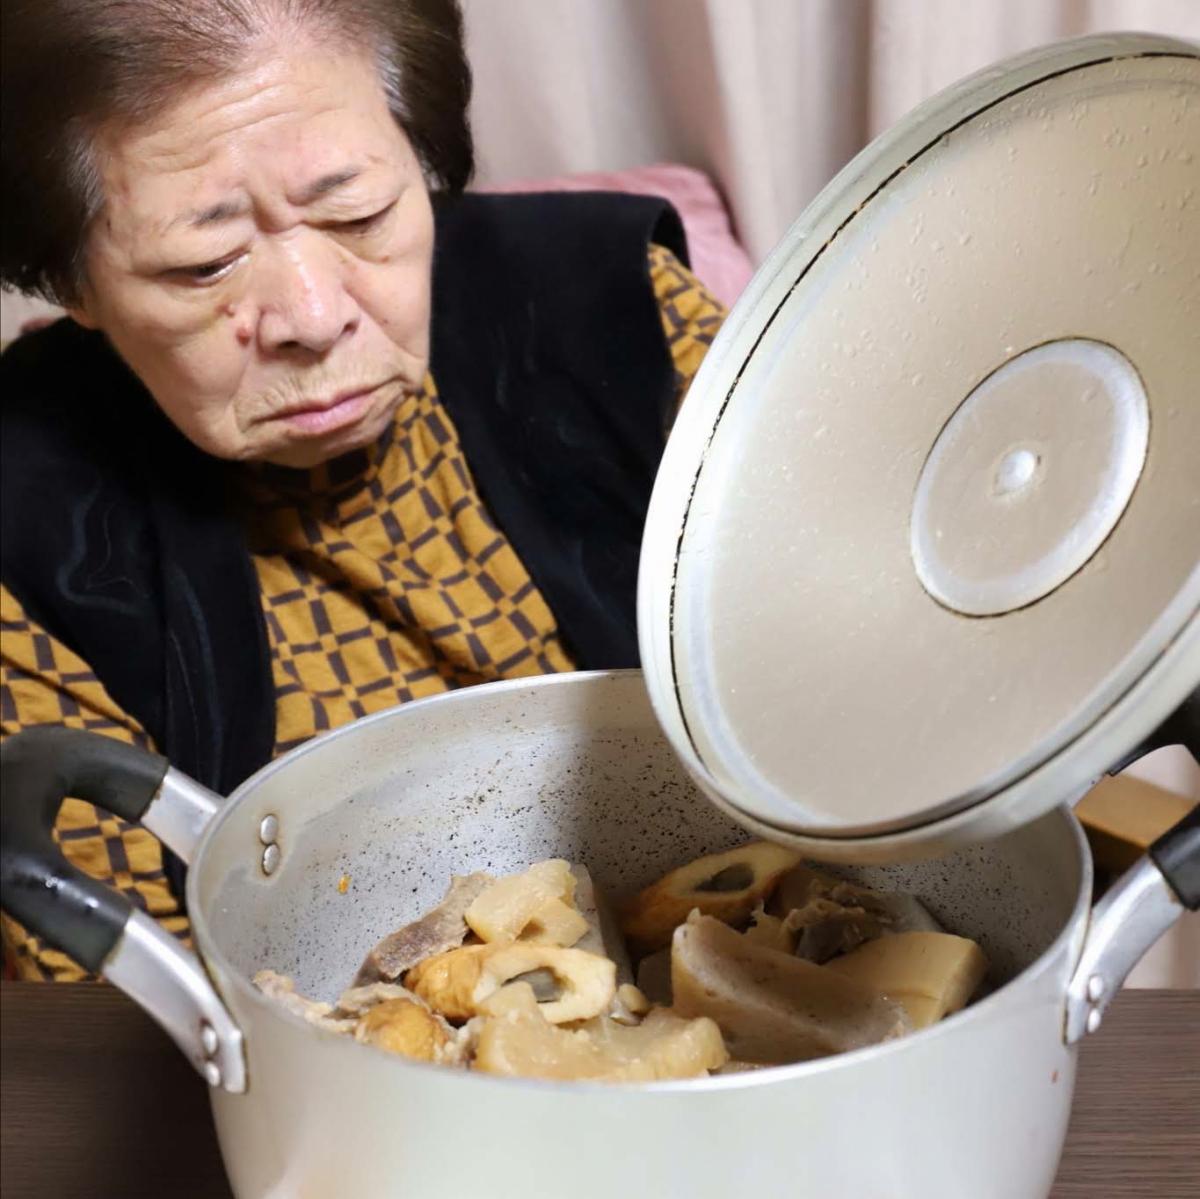 おでんの鍋のフタを持ち上げる祖母(おばあ)